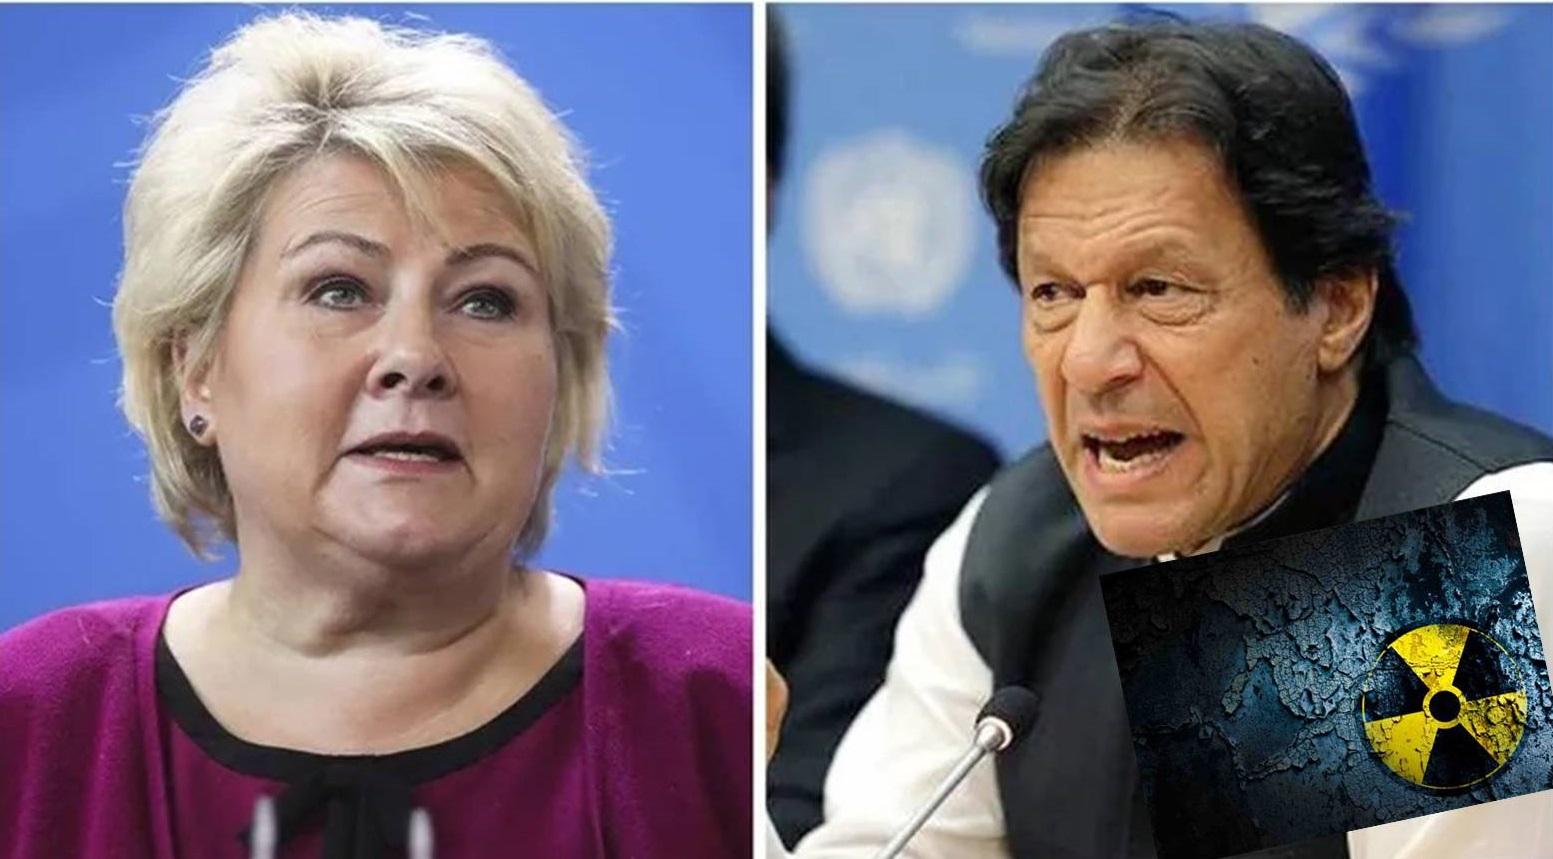 Η Νορβηγία ανησυχεί για το πυρηνικό πρόγραμμα Πακιστάν του καλύτερου συμμάχου της τουρκίας…Εμείς πάμε διερευνητικές